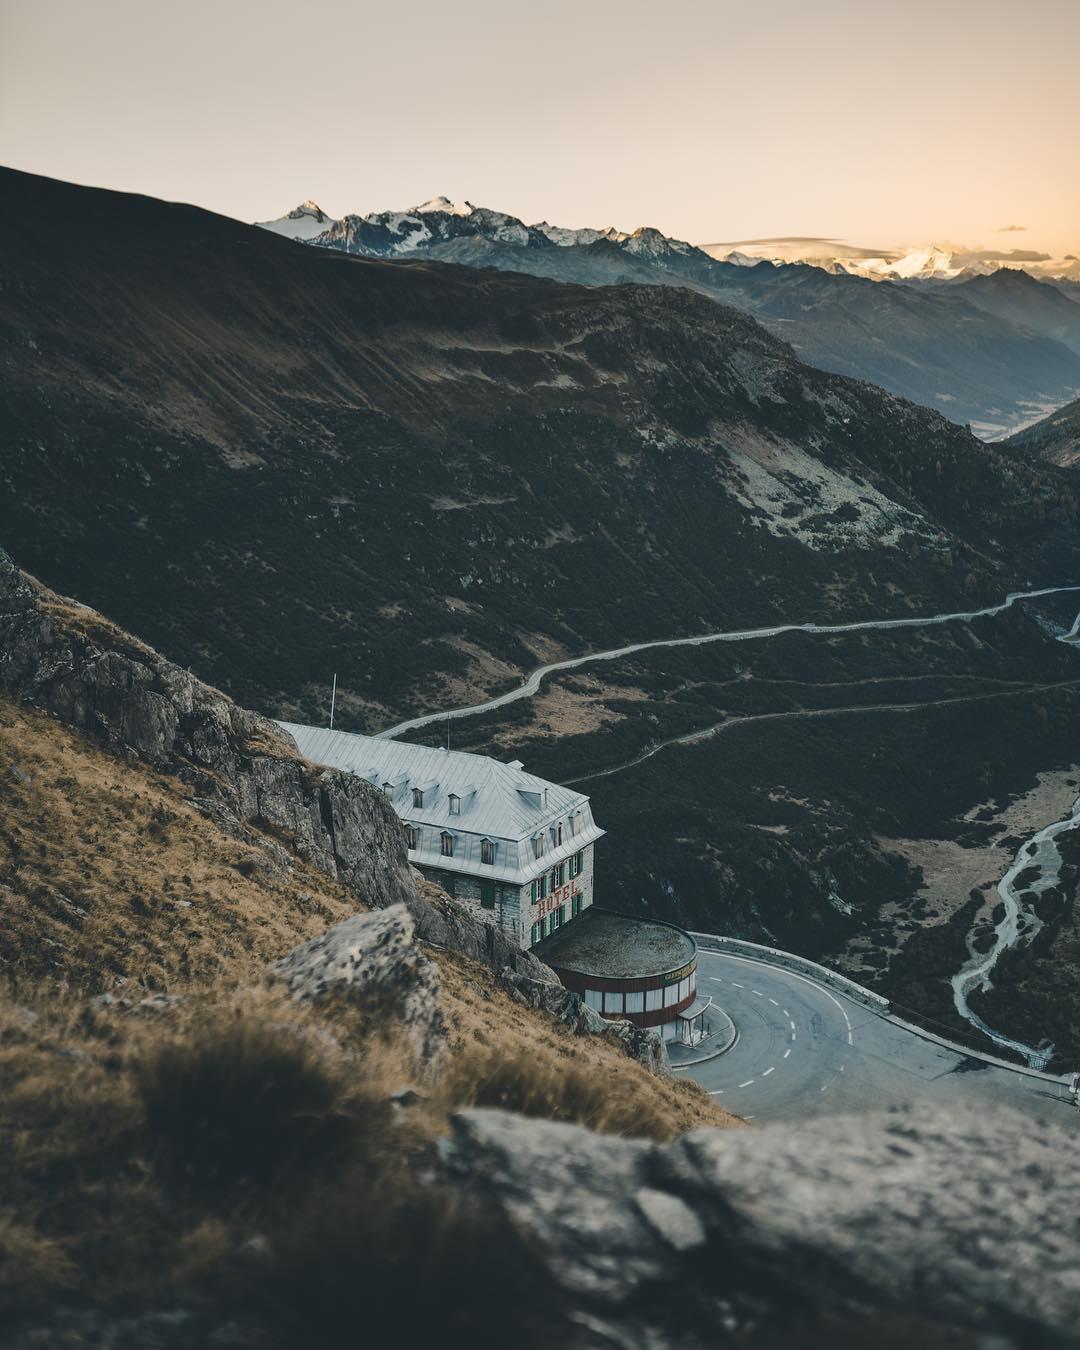 Захватывающие фотографии из путешествий Симона вон Бройха